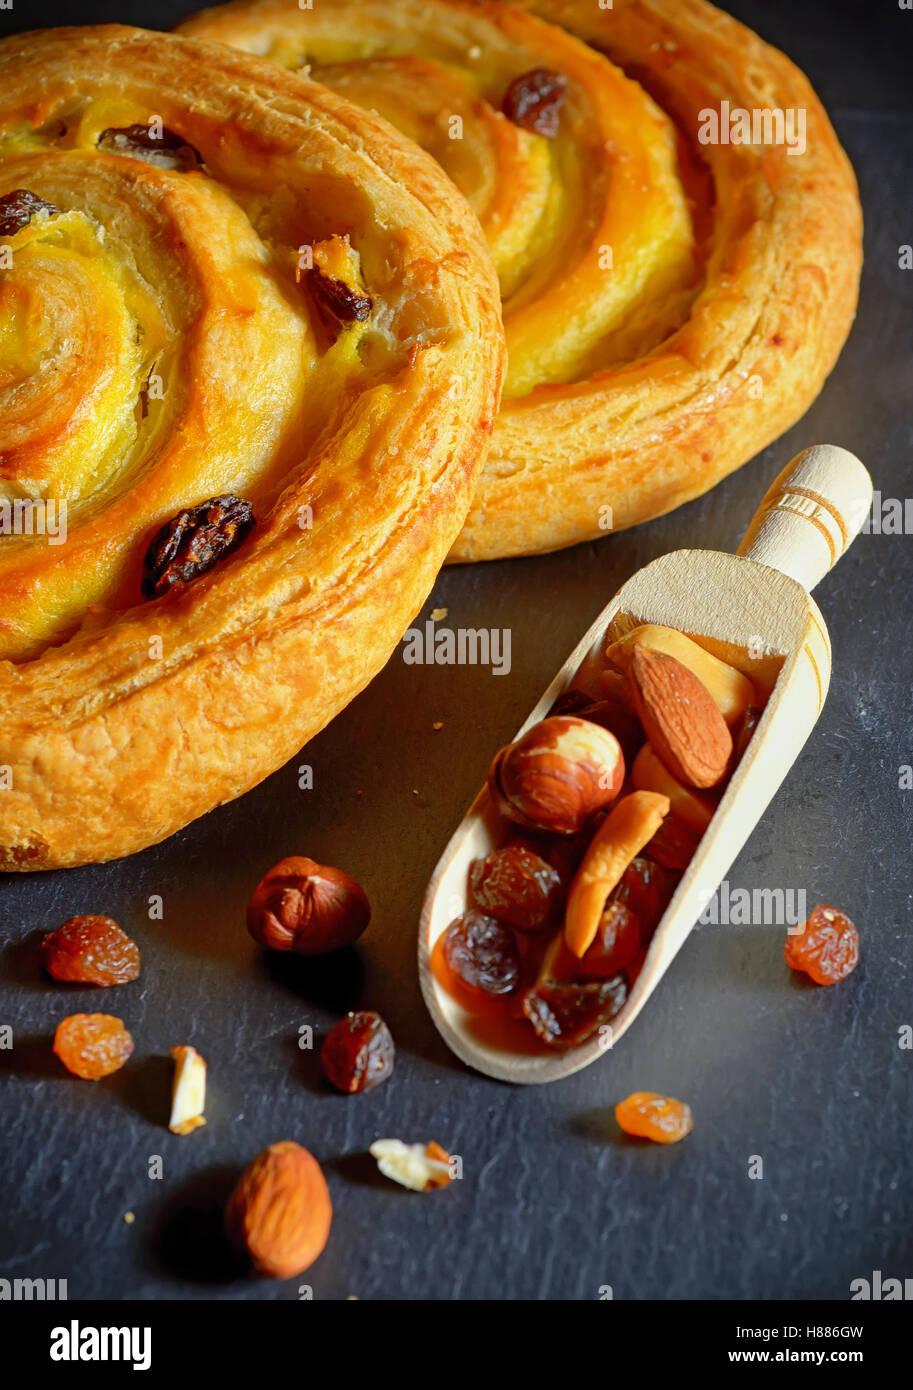 Runde Form frischen Croissant gefüllt mit Vanillecreme und Rosinen Stockbild